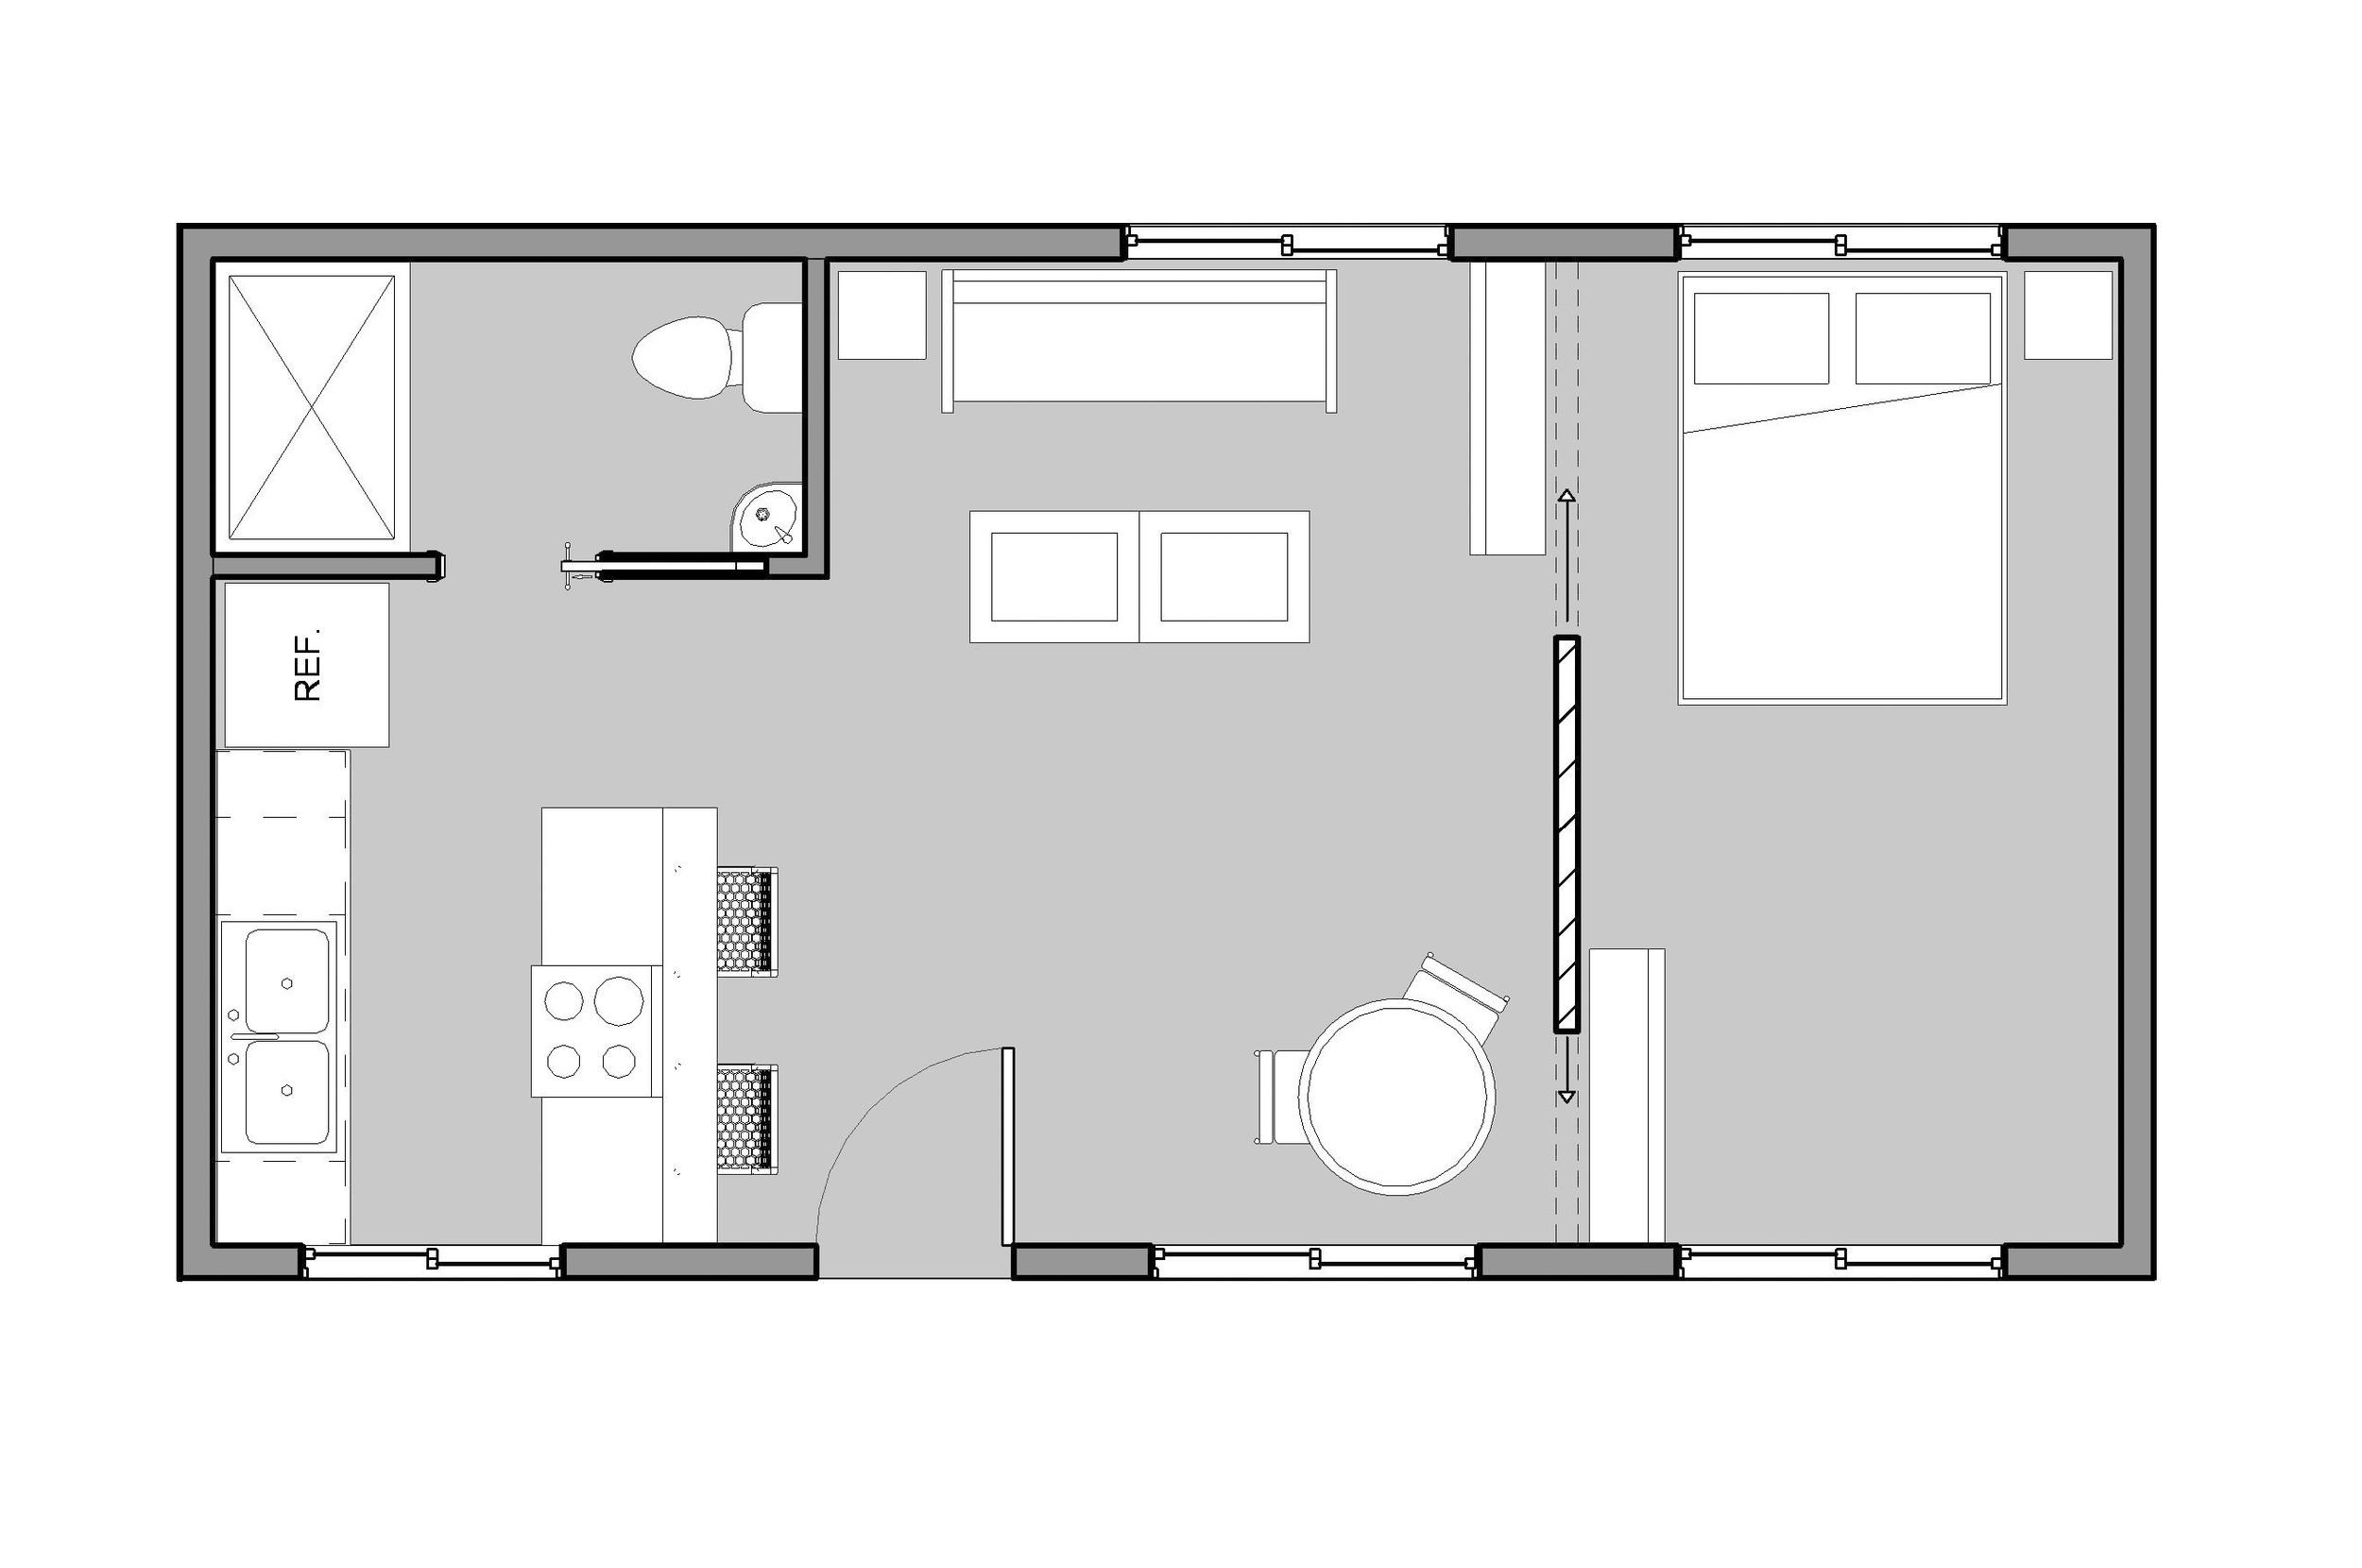 RS 20 DOJO - Sheet - A101 - Floor Plan.jpg